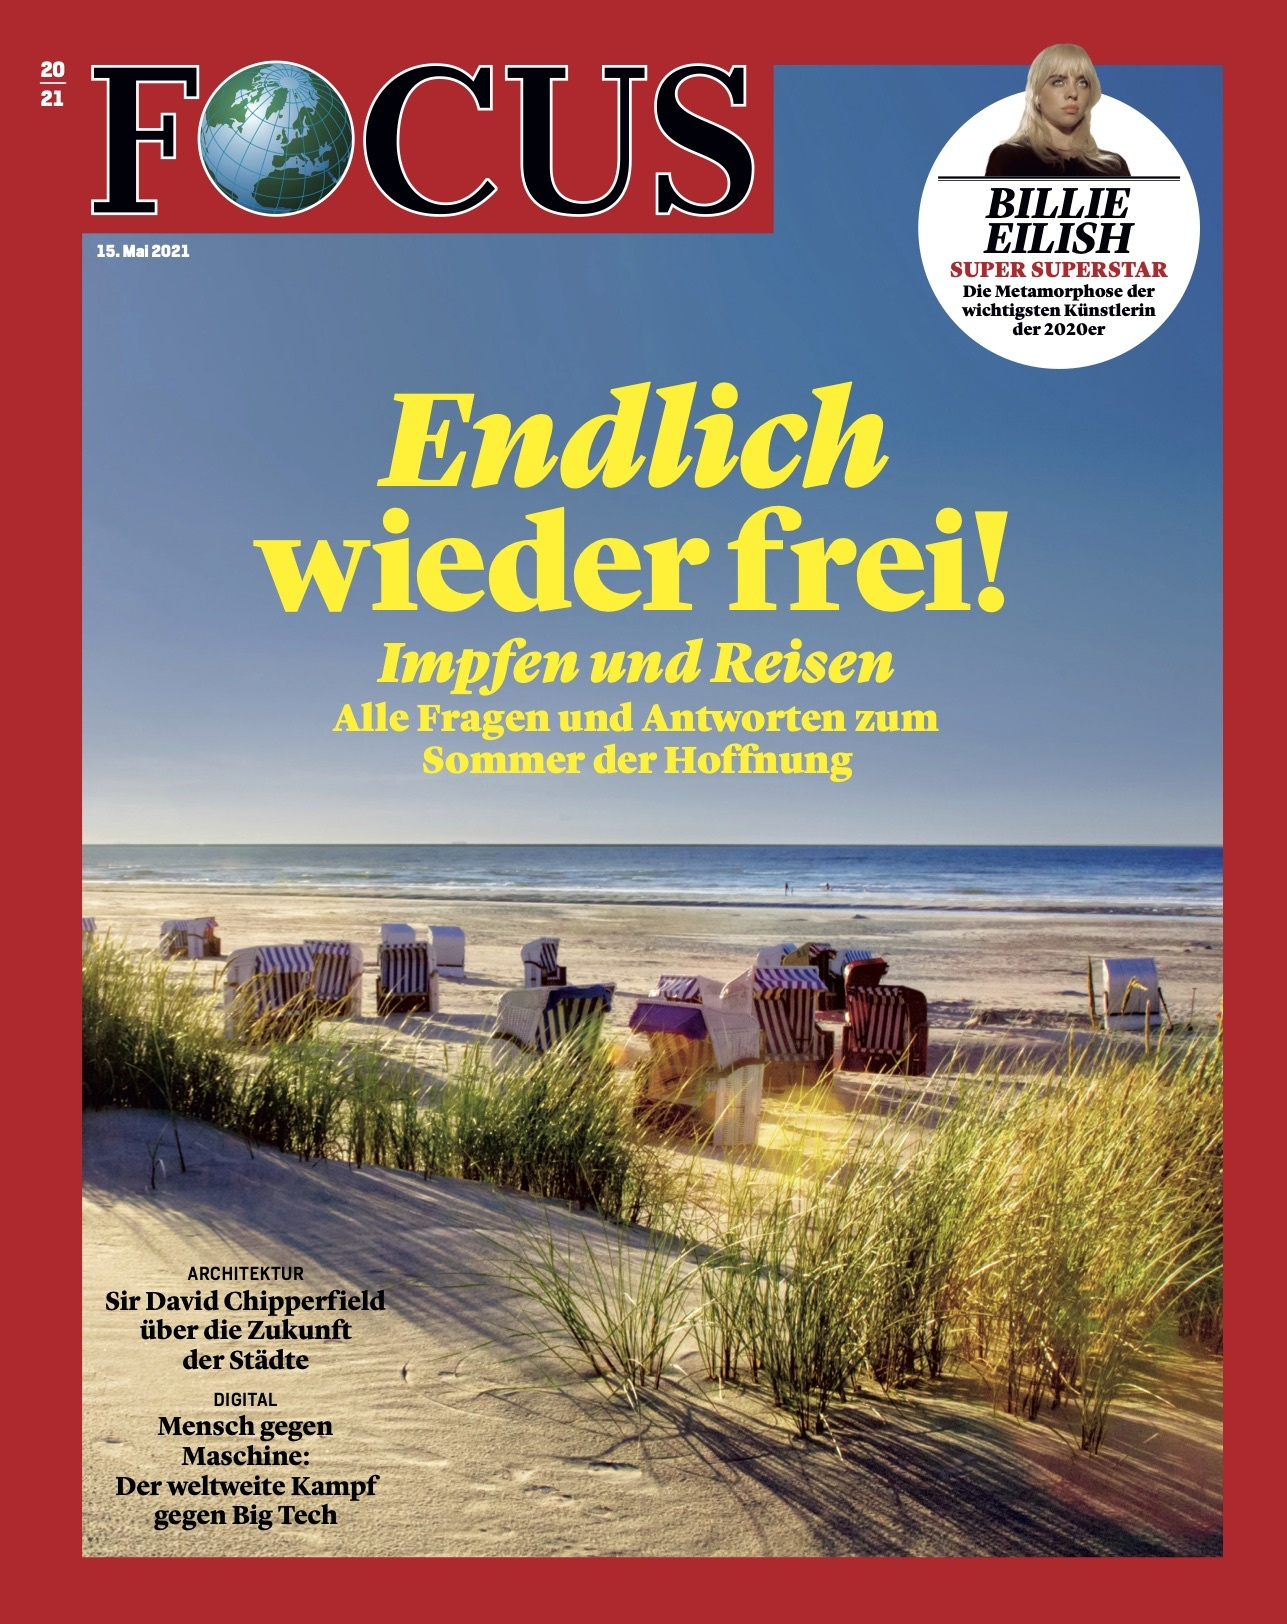 FOCUS Magazin FOCUS Magazin - Endlich wieder frei